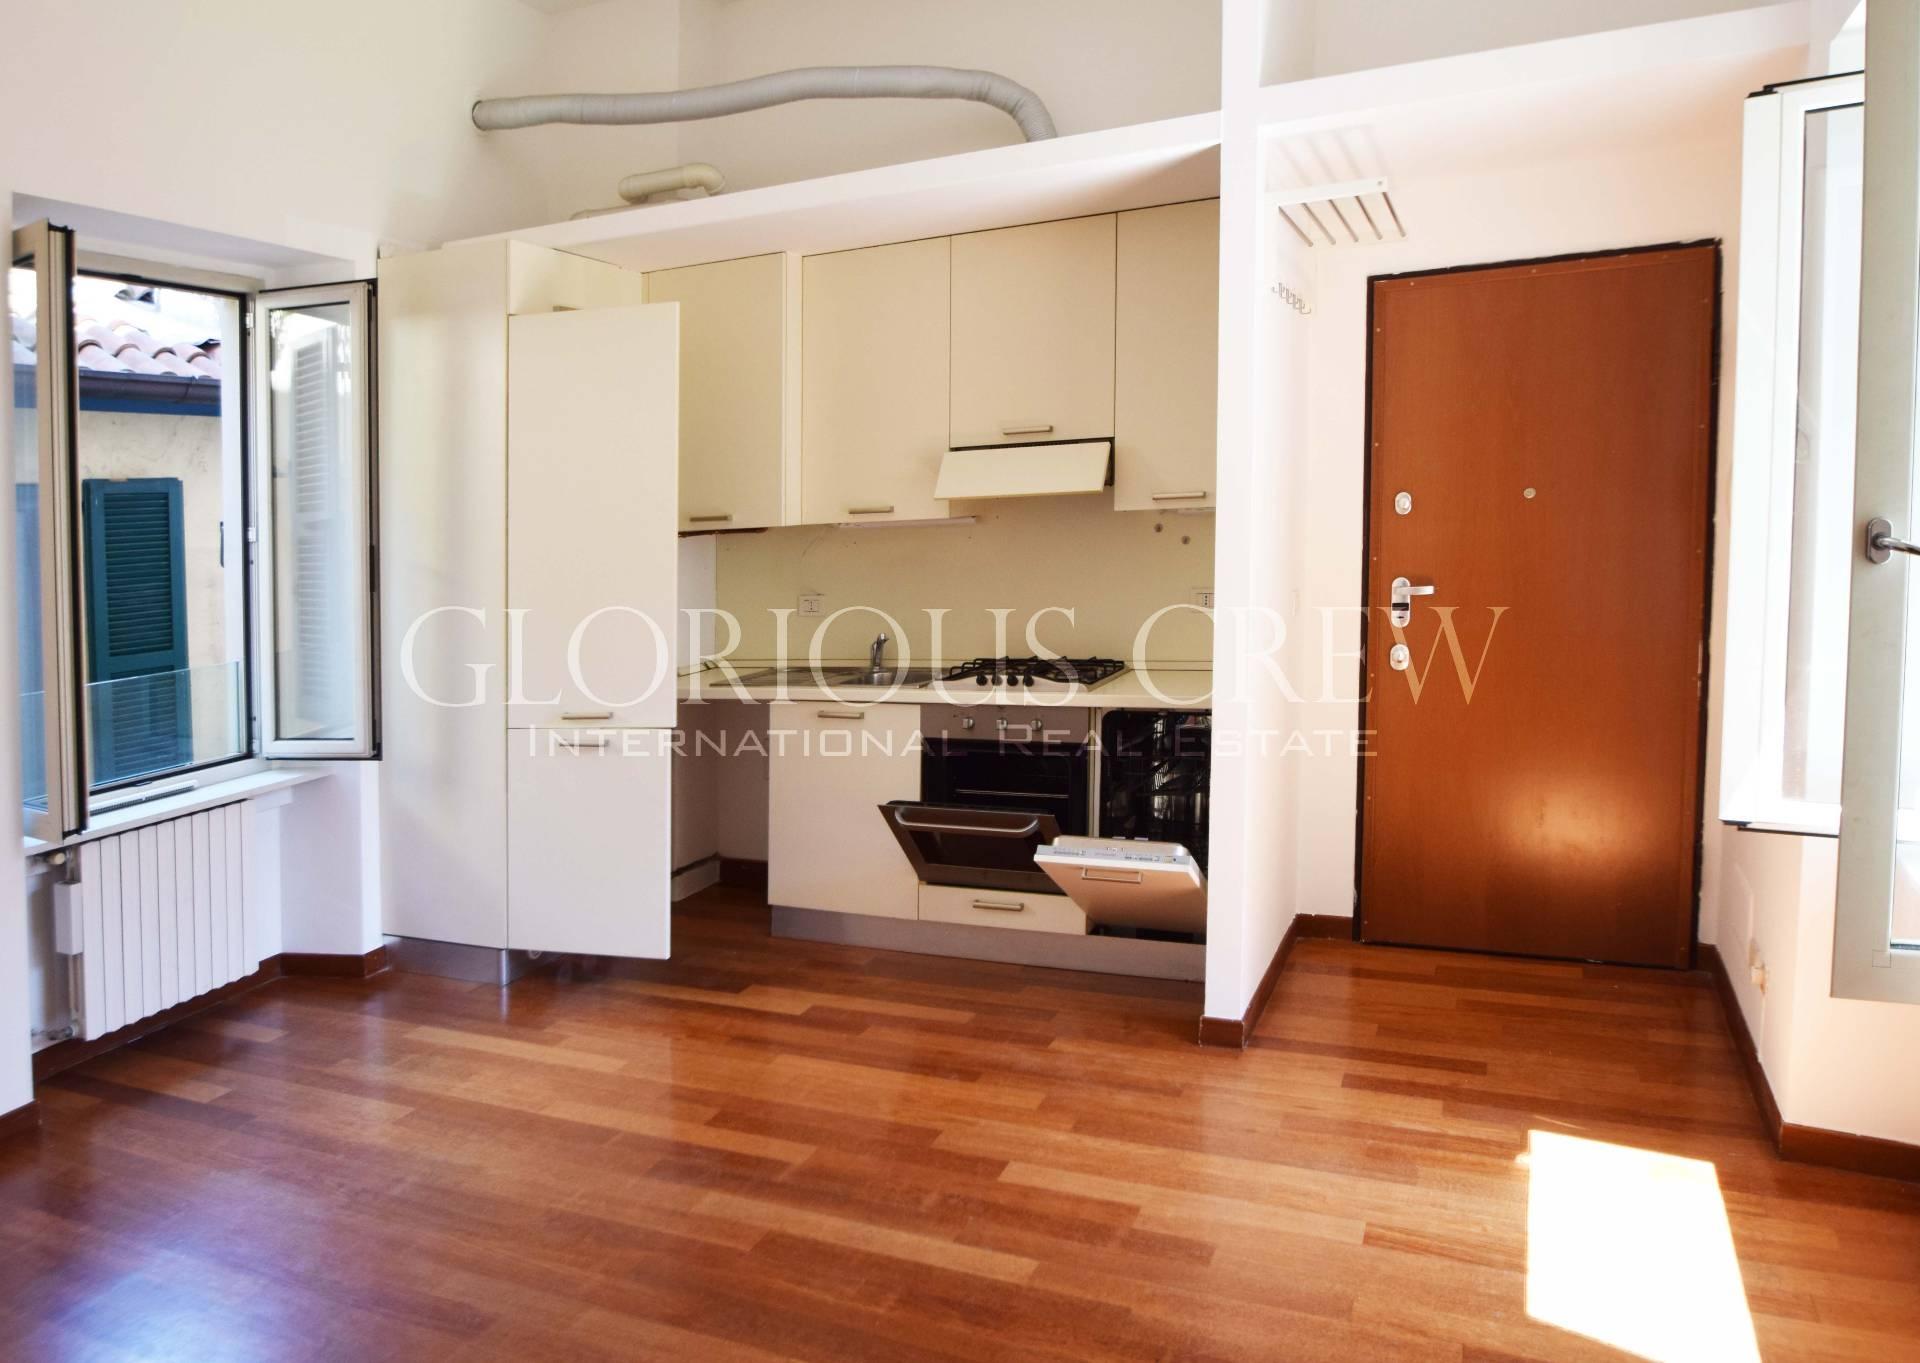 Appartamento in Affitto a Milano:  2 locali, 40 mq  - Foto 1